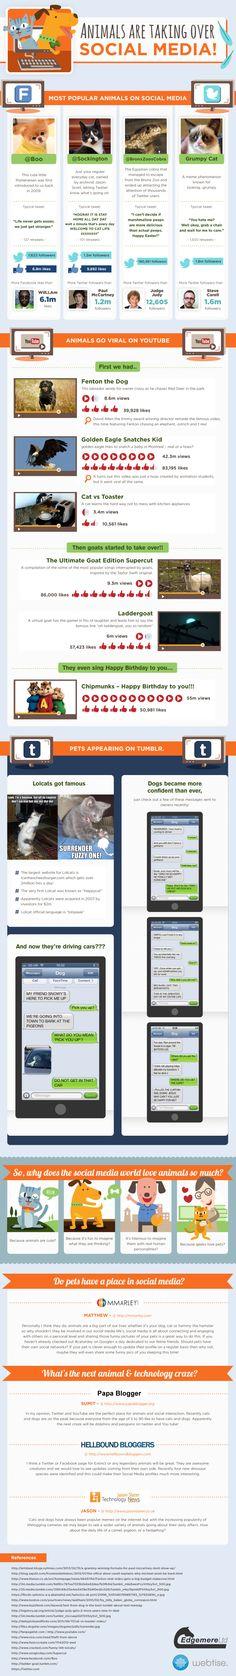 Los animales también en las Redes Sociales #infografia #infographic #socialmedia